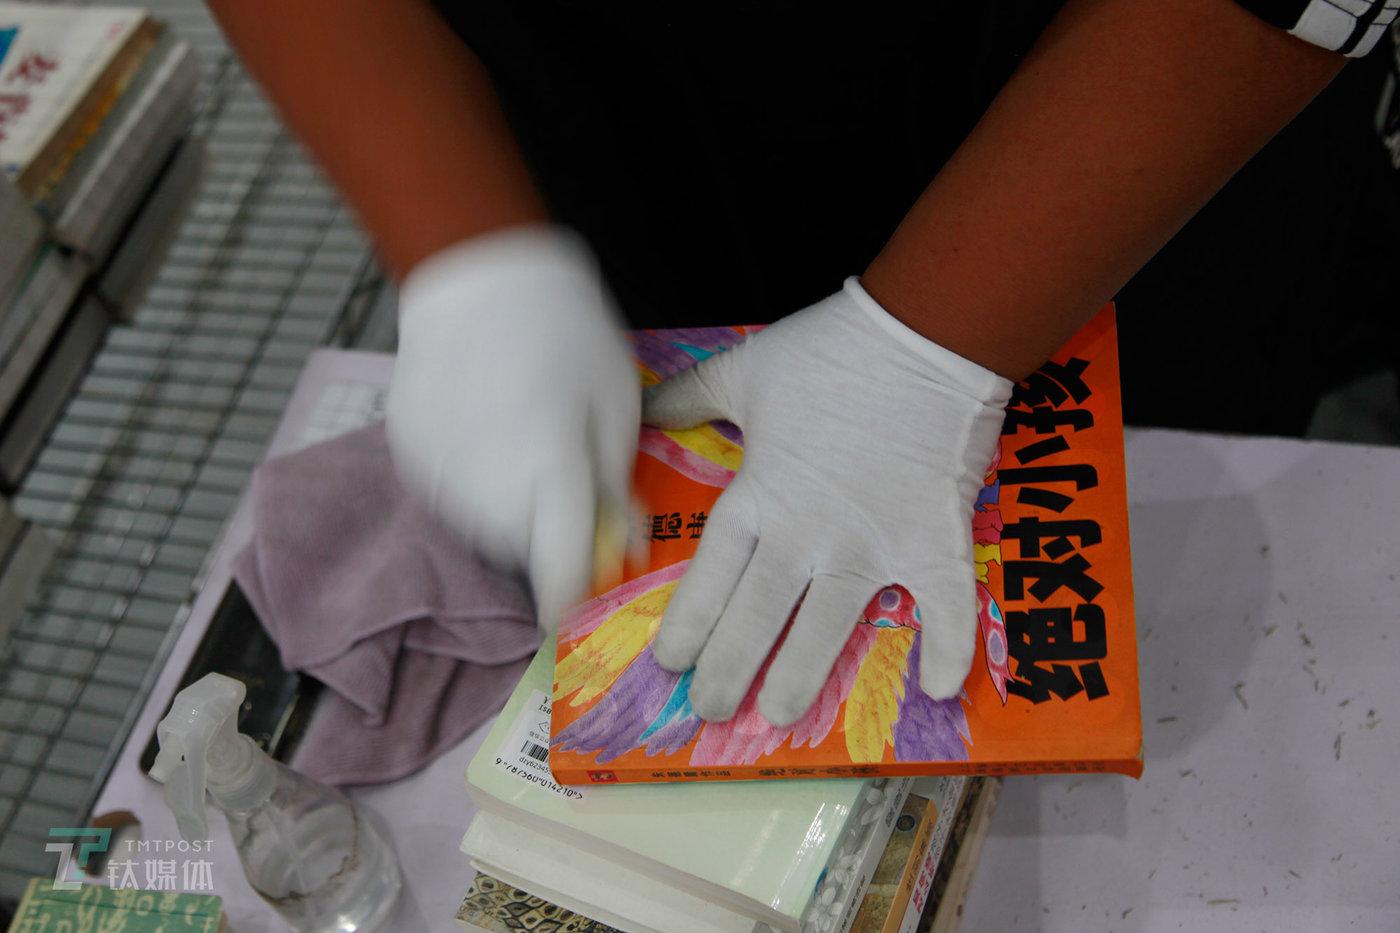 另外一些不需要打磨的书则直接进入清洁环节,清洁是每本书的必经工序(需要打磨的书在打磨完成后也会进入清洁环节),工人使用酒精、干抹布、橡皮等工具对封面的污渍、霉斑等进行擦拭,力求最大限度让二手书回到最干净的状态。